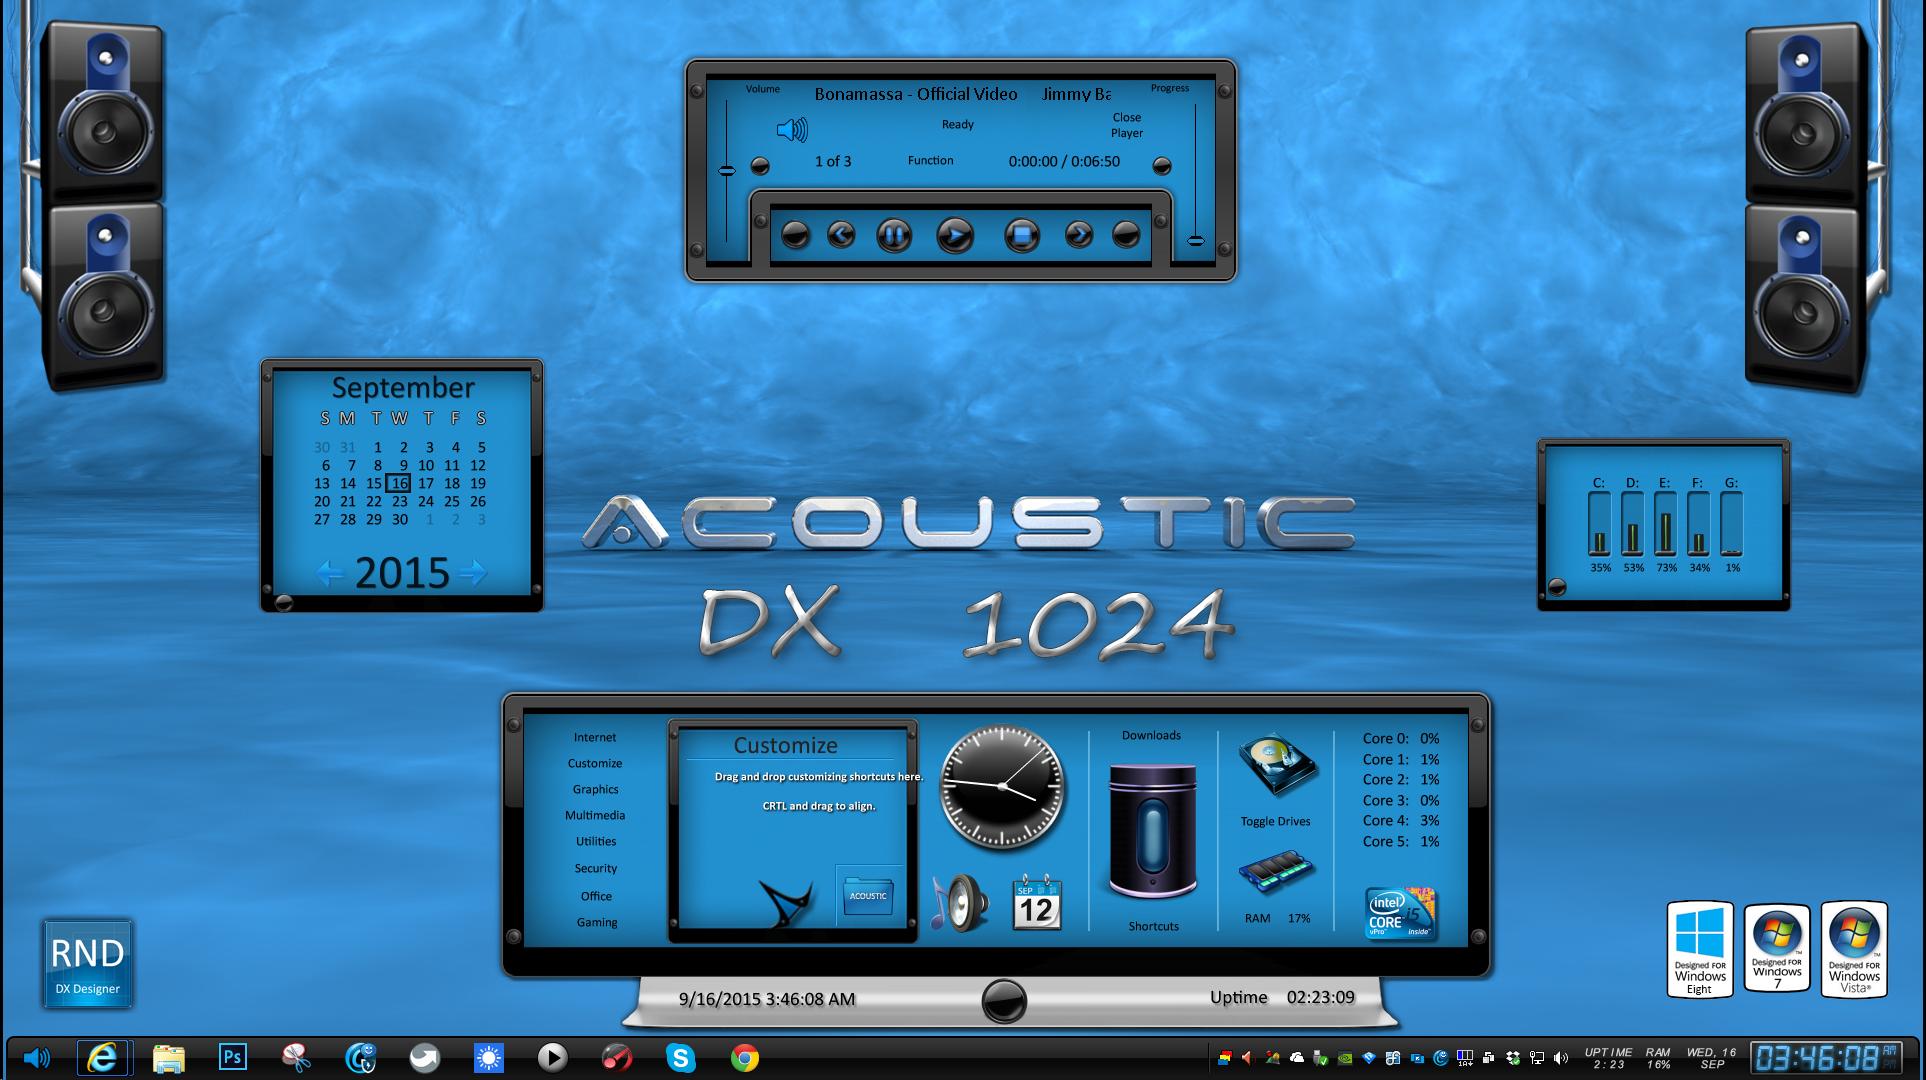 Acoustic DX 1024